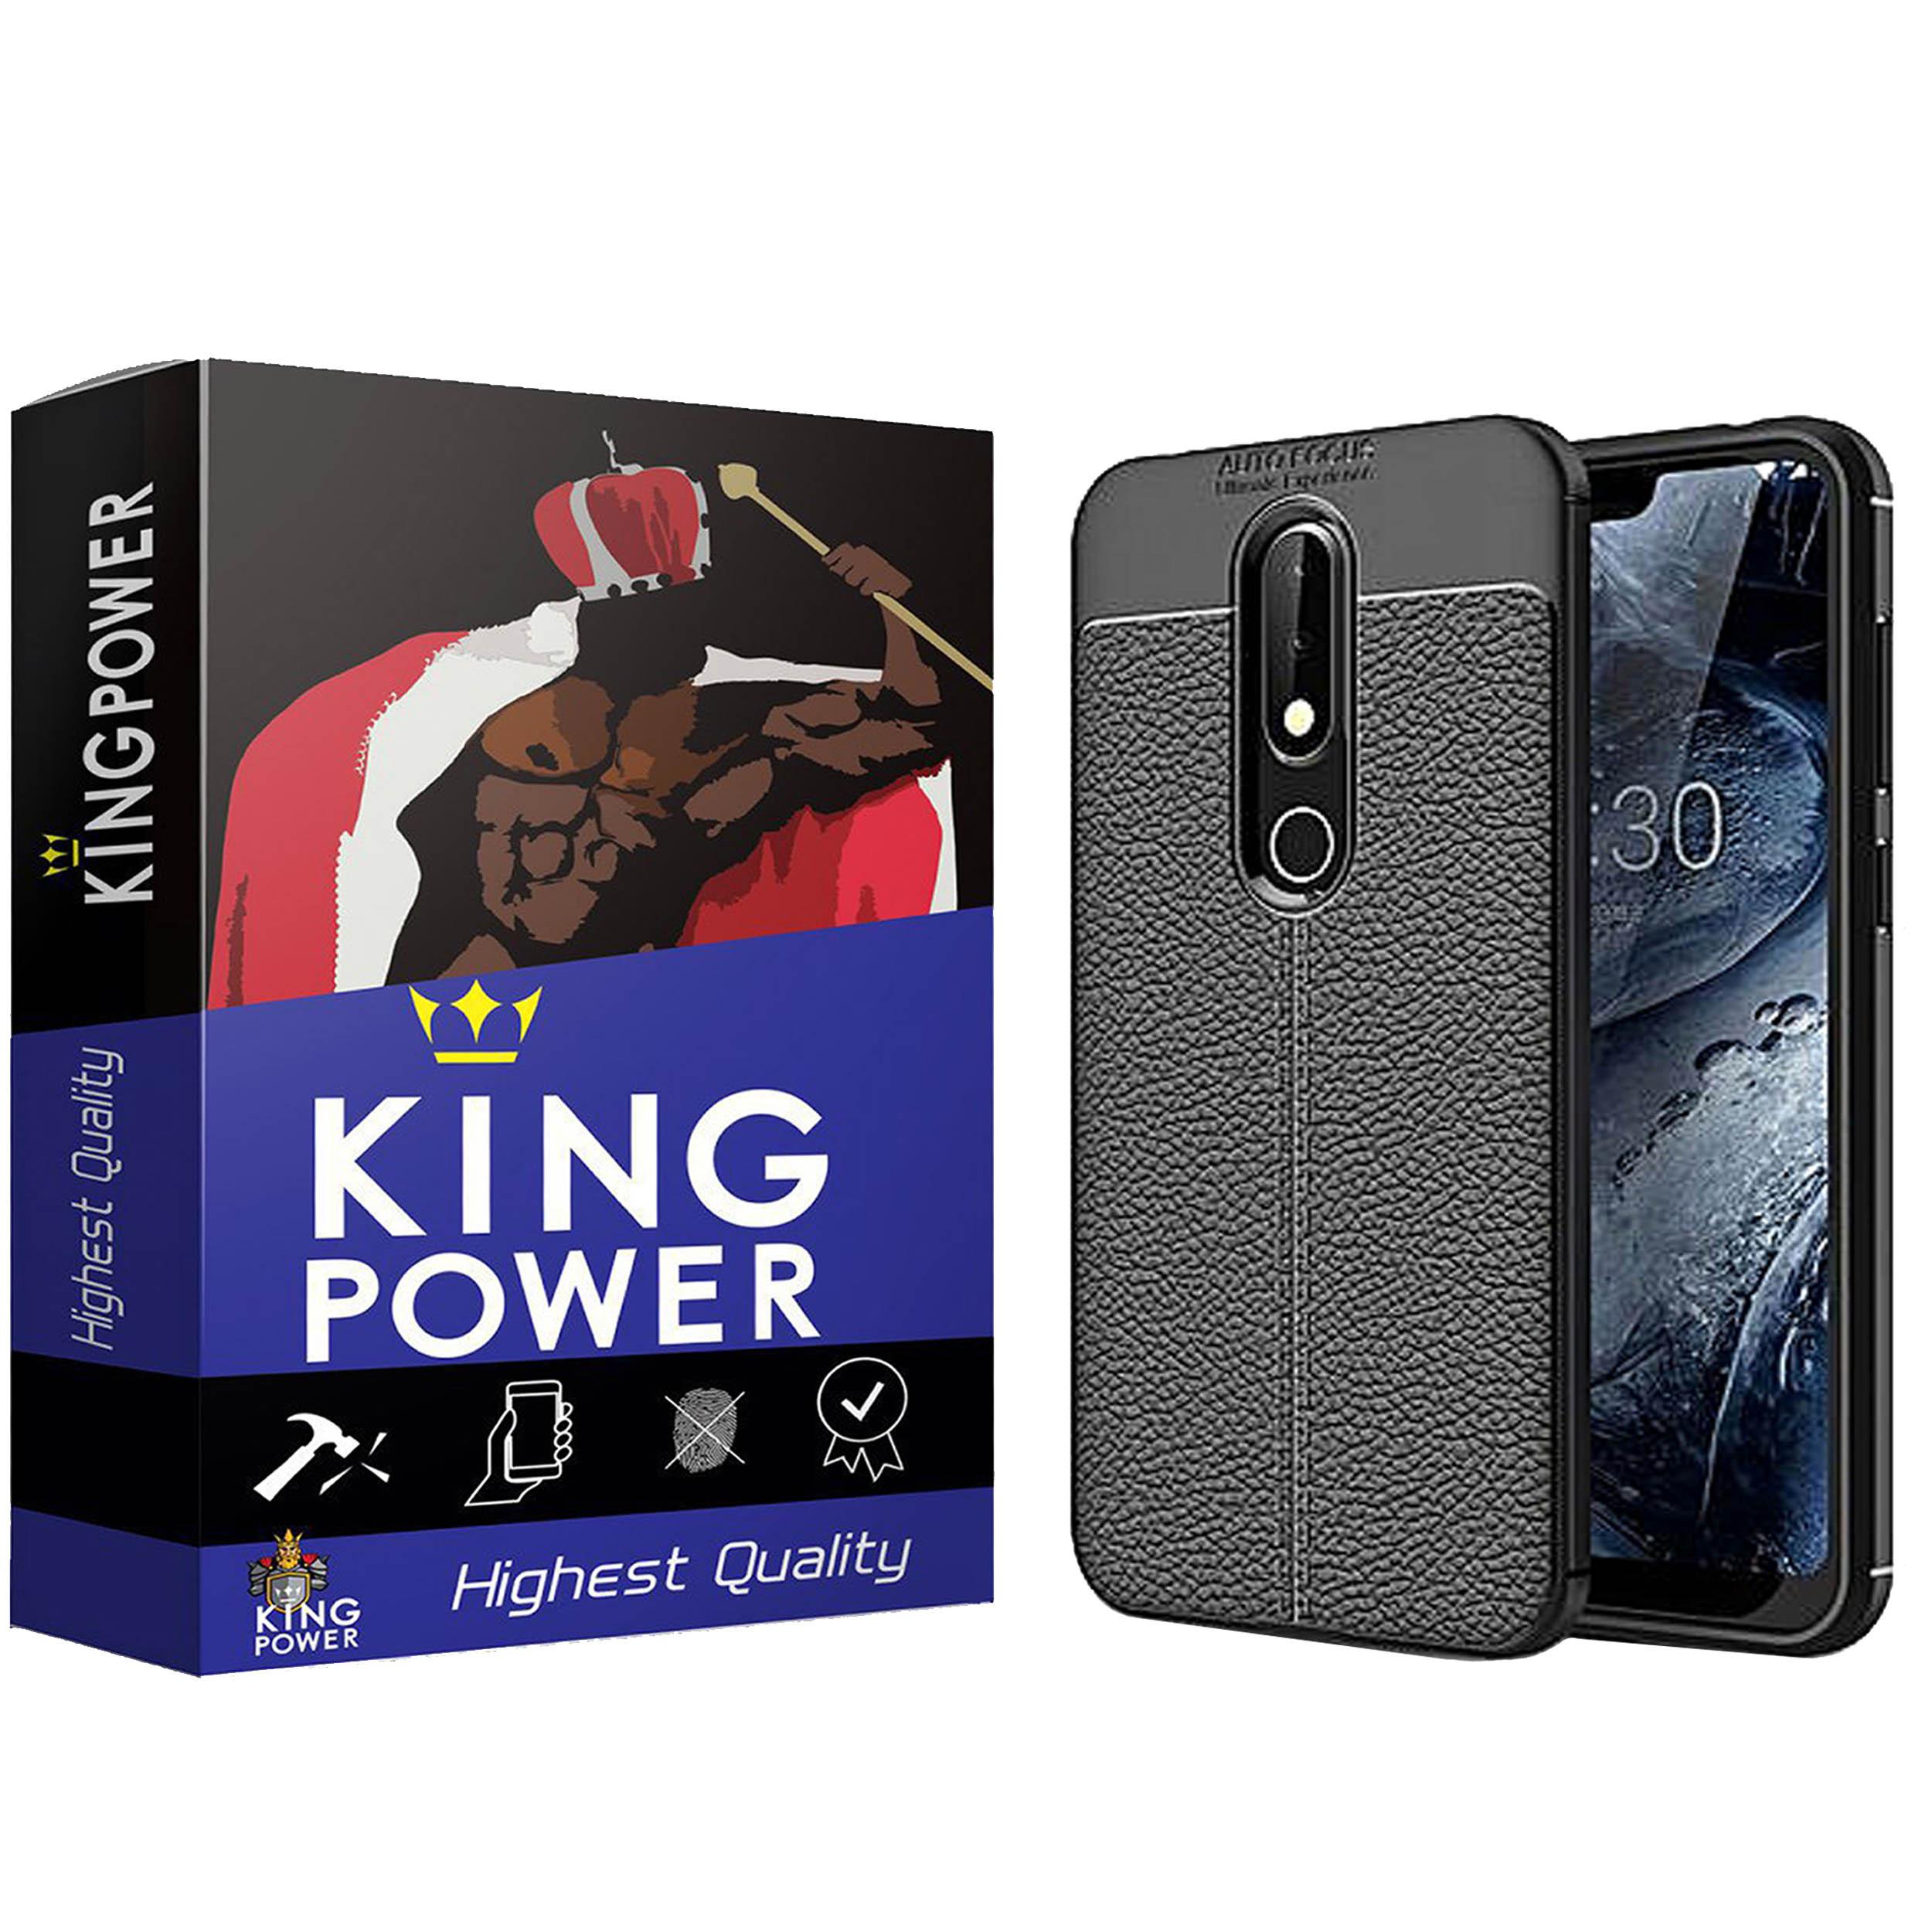 کاور کینگ پاور مدل A1F مناسب برای گوشی موبایل نوکیا 6.1plus/ X6